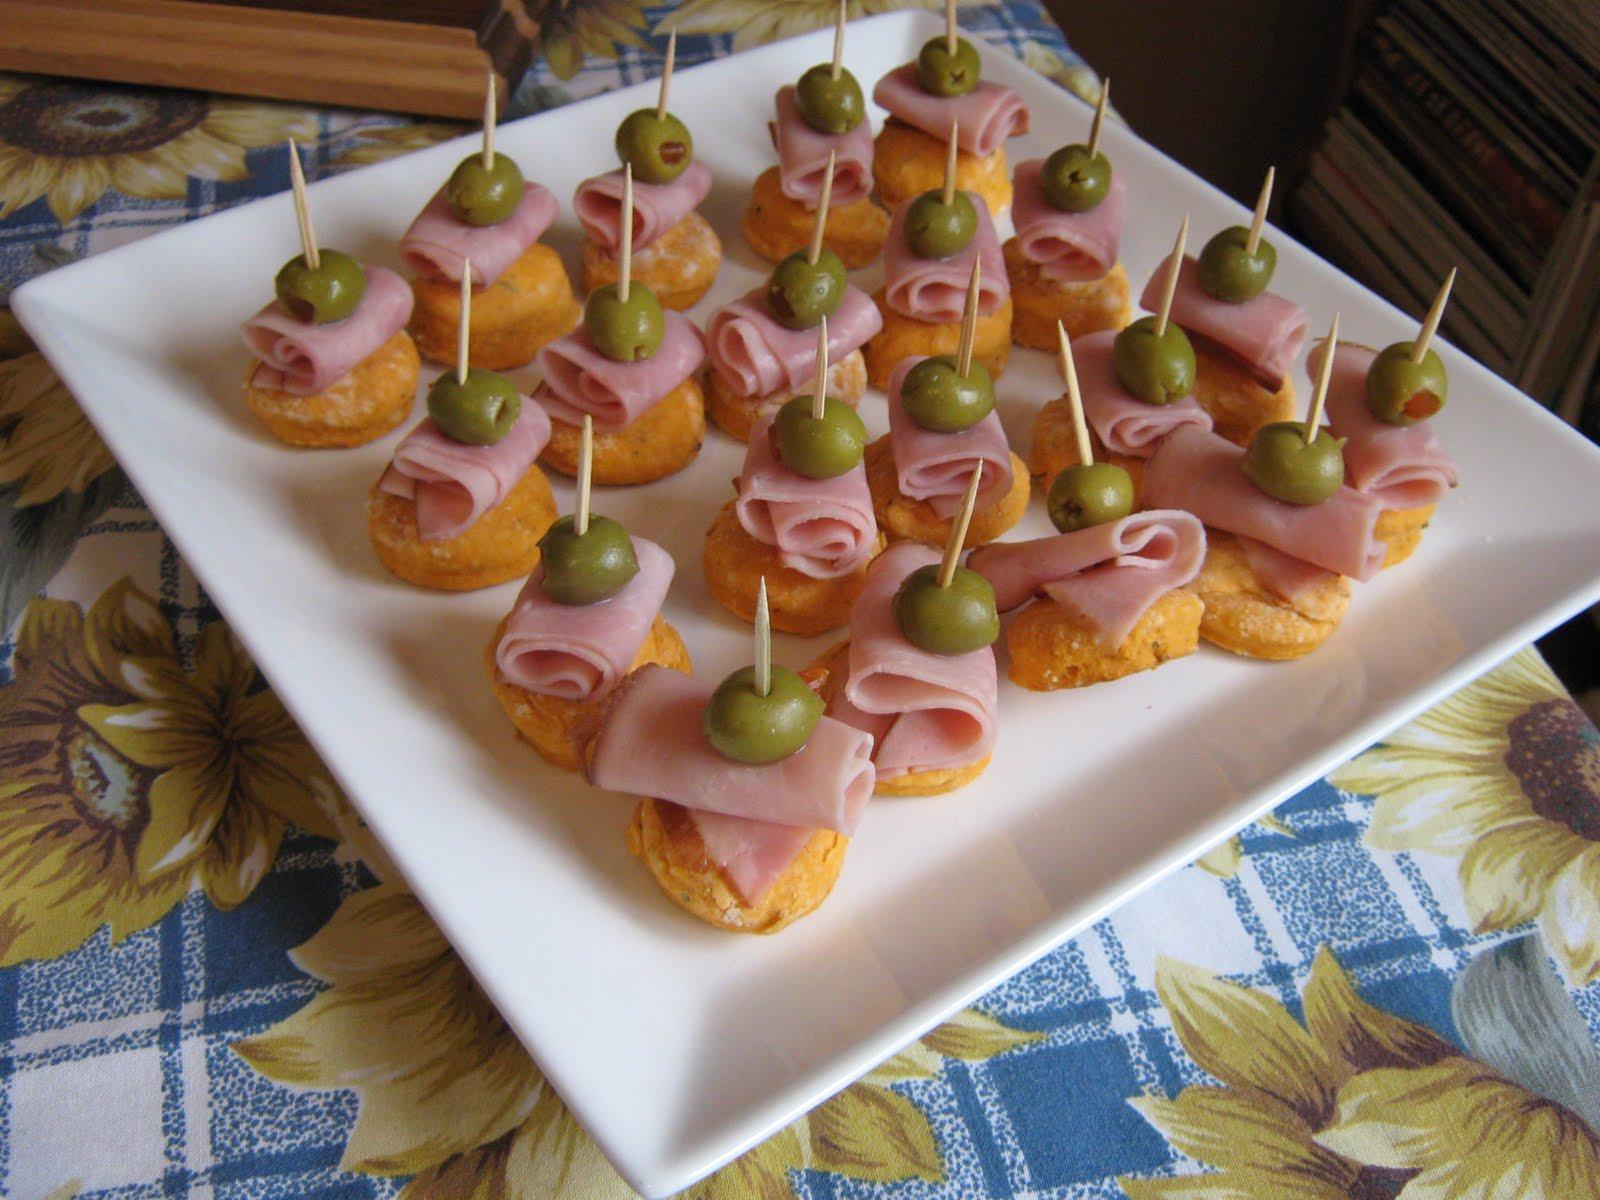 Les douceurs de genny canap s jambon olive sur petit biscuit for Canape for sale